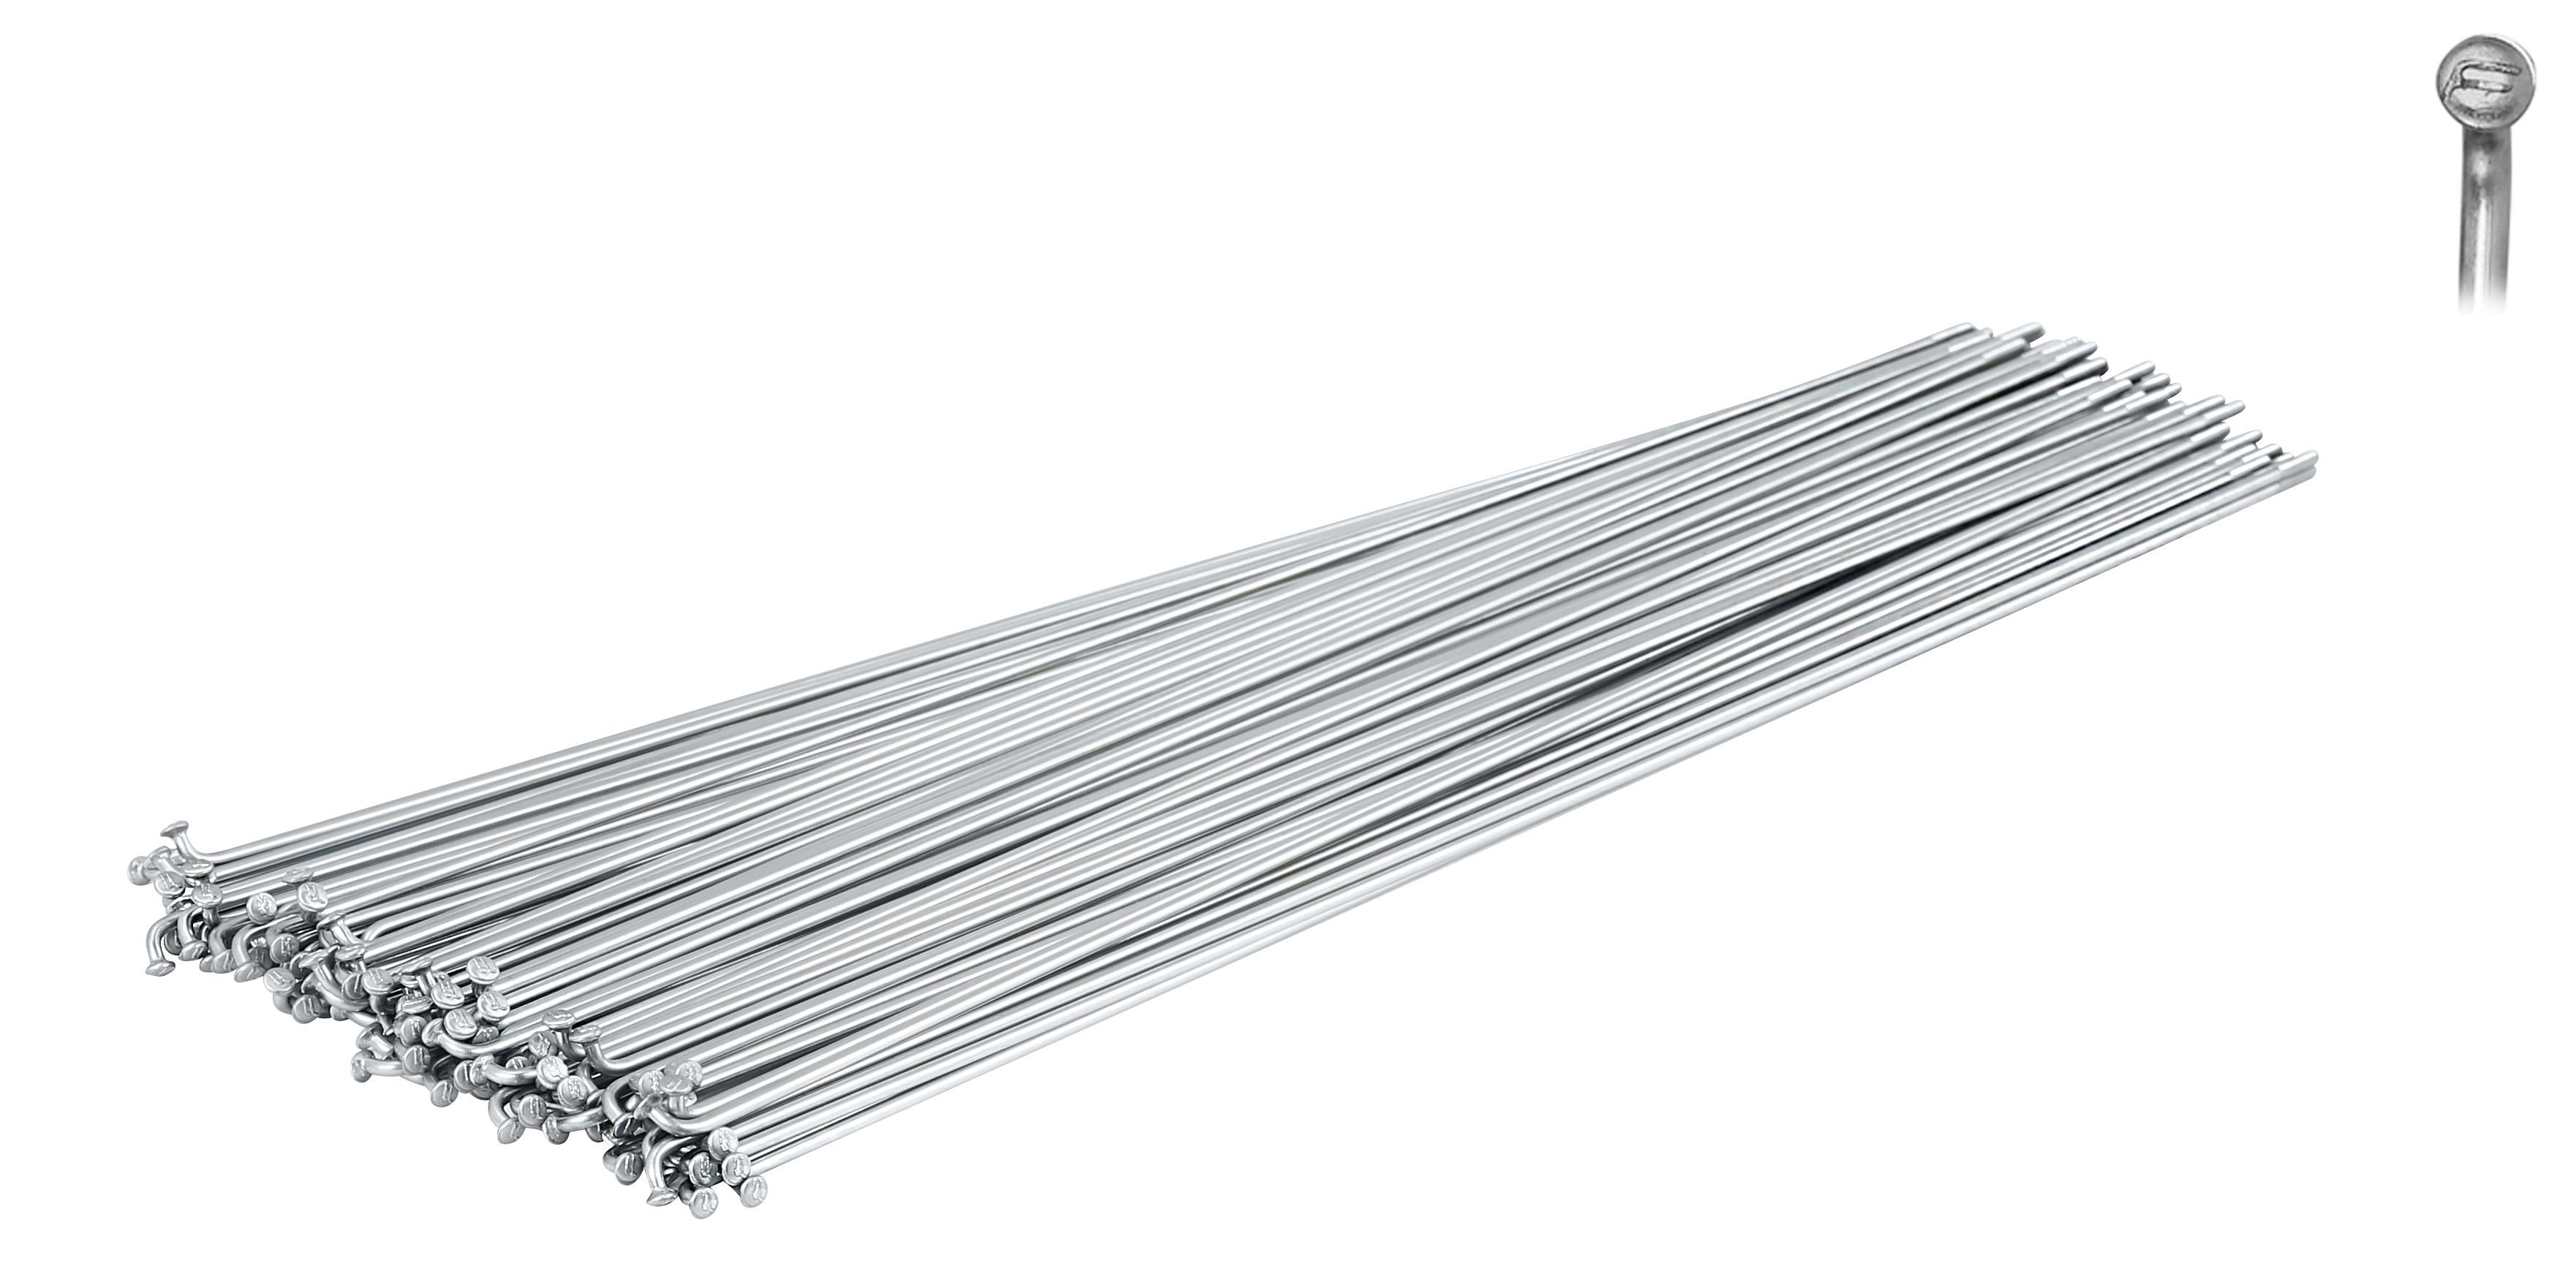 dráty FORCE nerez stříbrné 2 mm x 266 mm